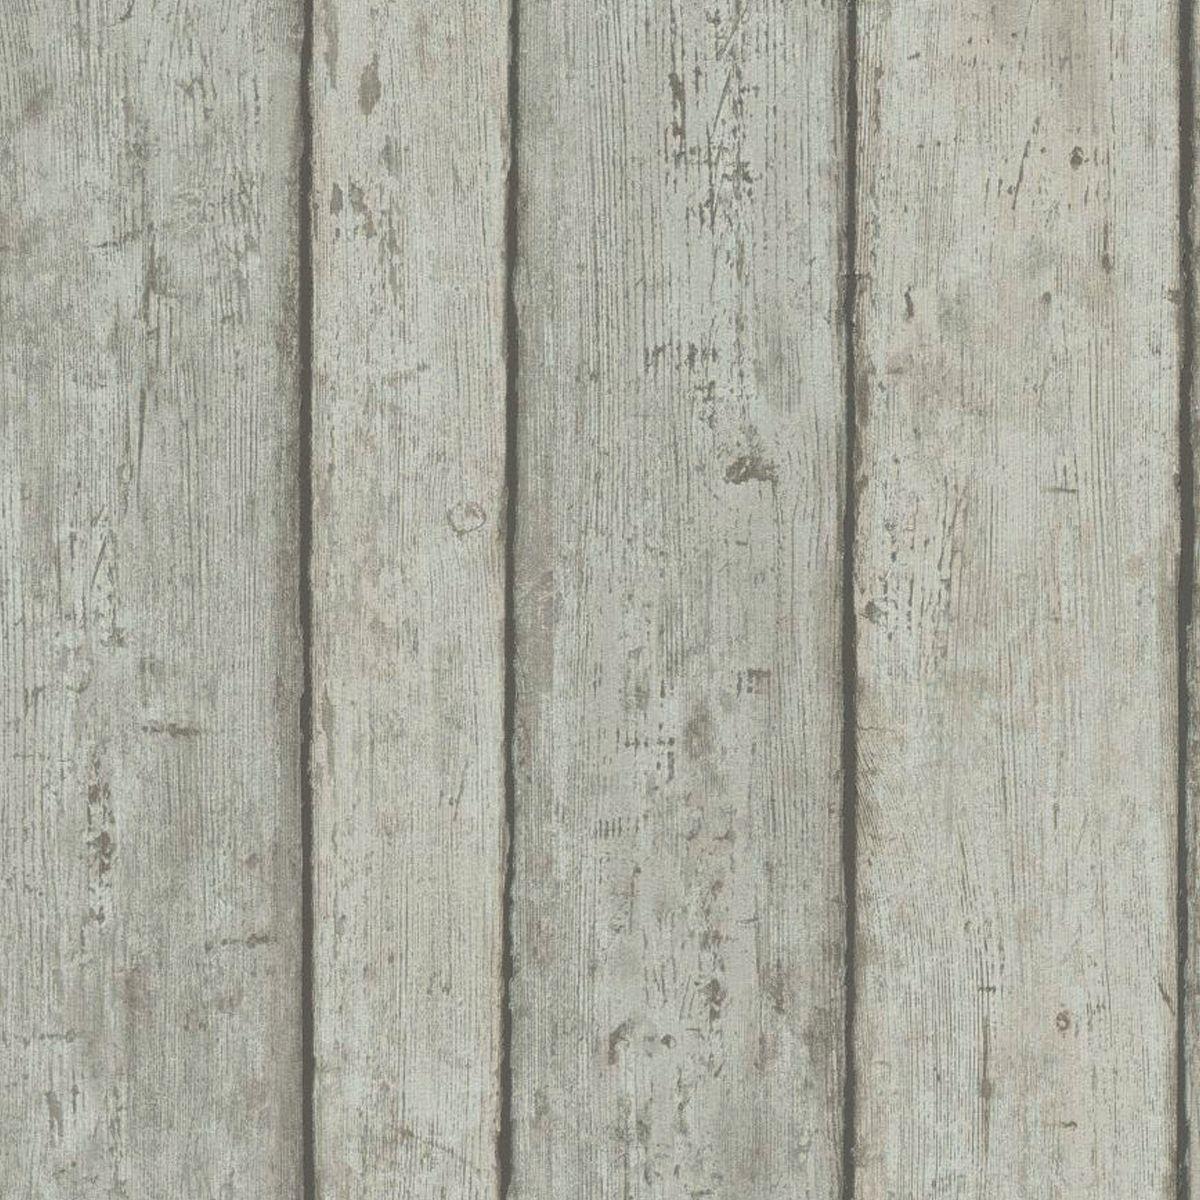 Carta da parati legno anticato beige 10 05 m prezzi e for Carta parati online